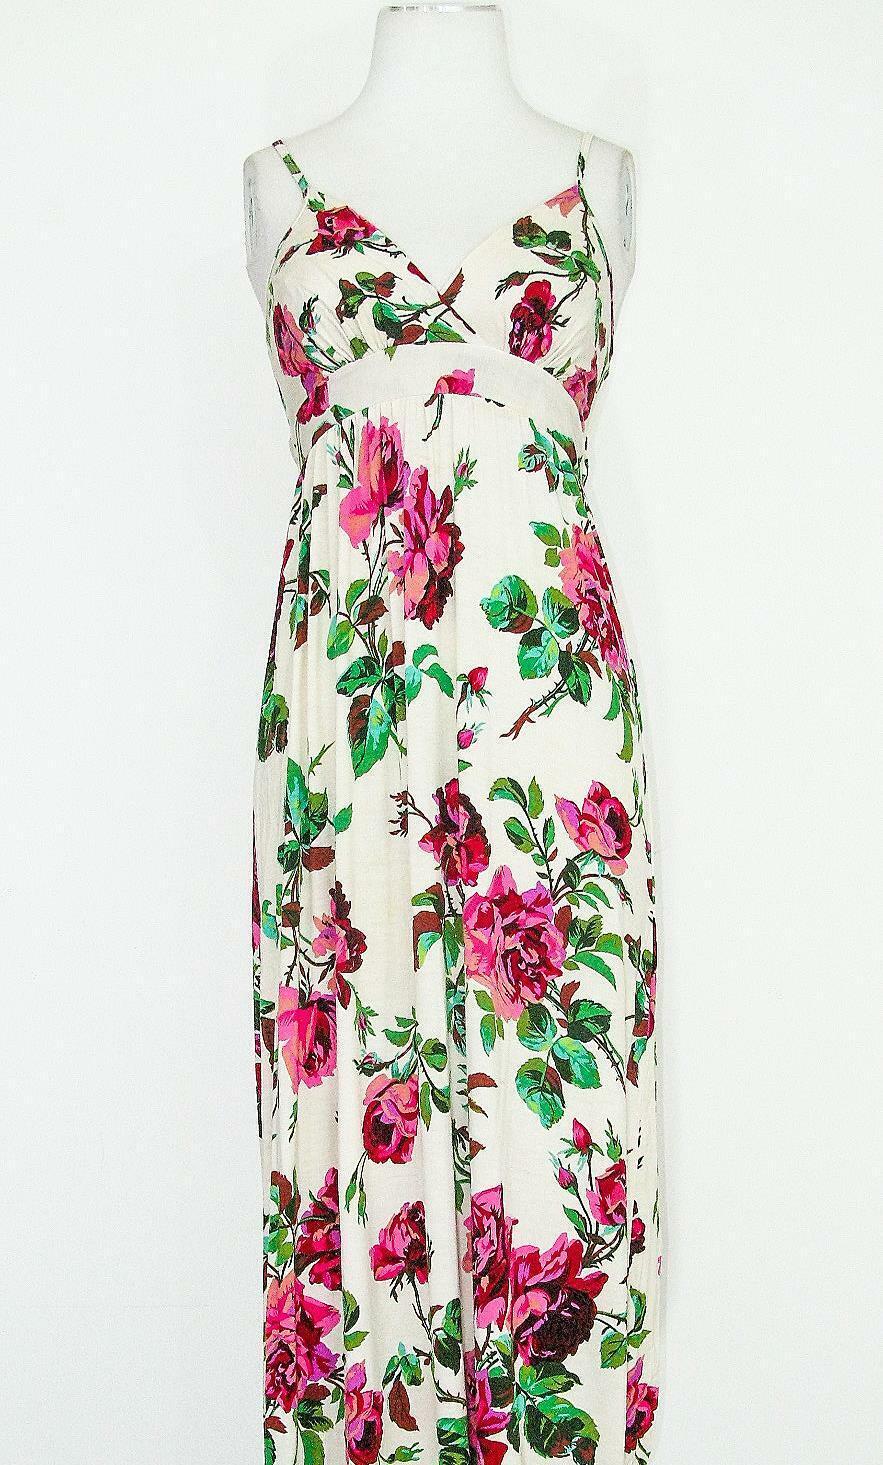 Señoras Lipsy Crema Rosas Rosa Verde Verano Verano Verano Floral Vestido Maxi ocasión Talla 10 0664ac